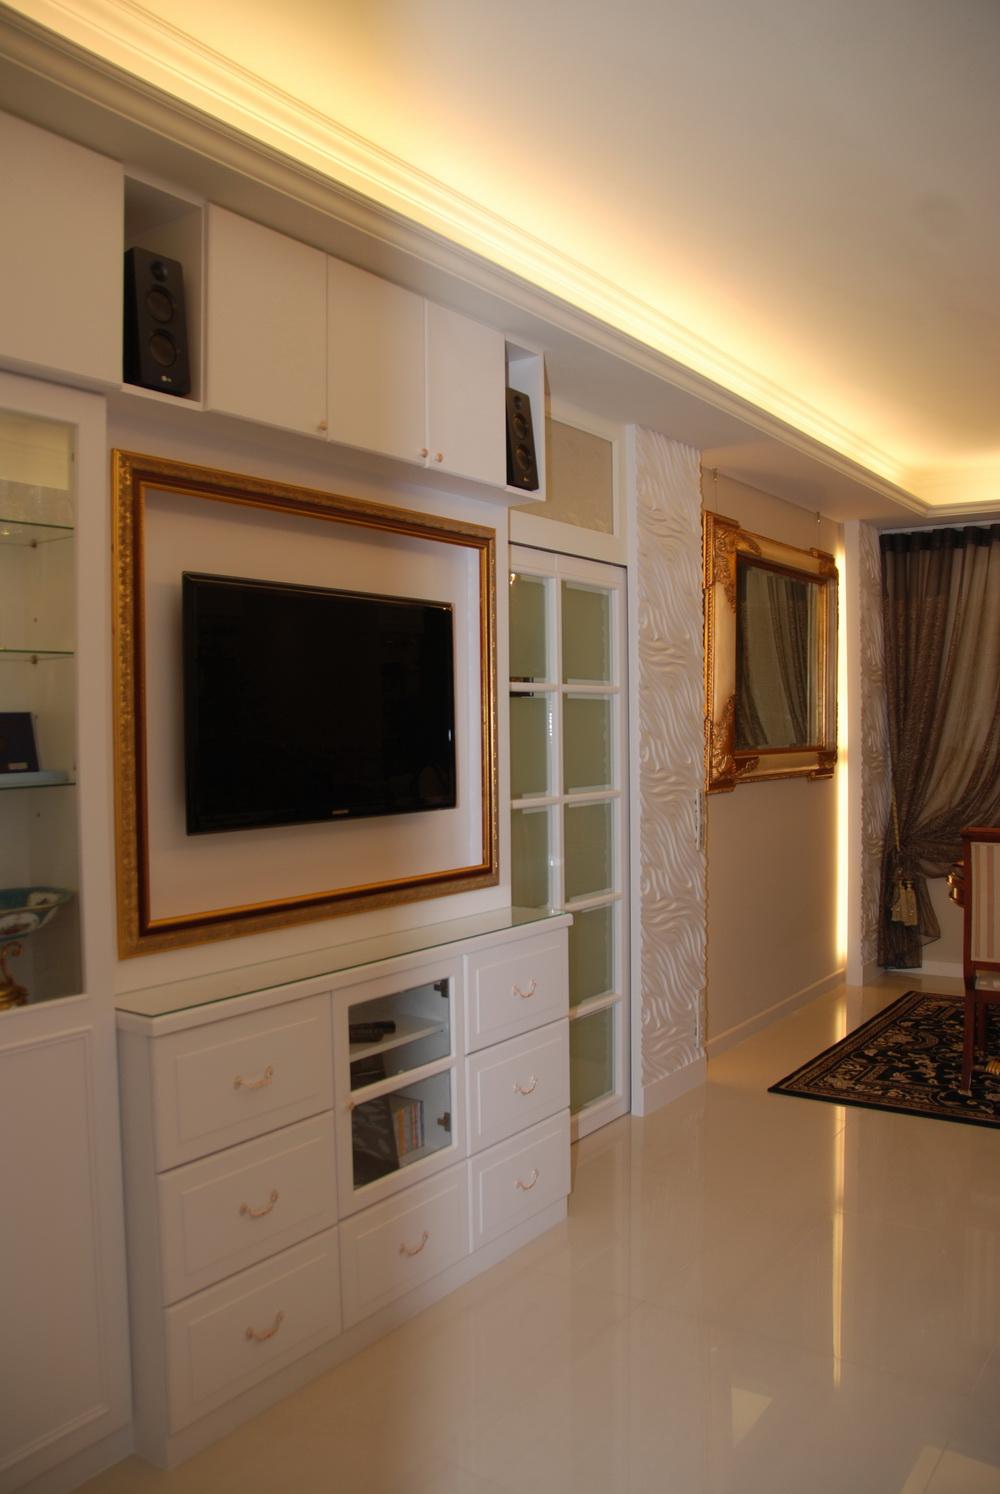 室內設計裝修 裝潢裝修臺中: 歐式 古典 經典 設計裝潢五金